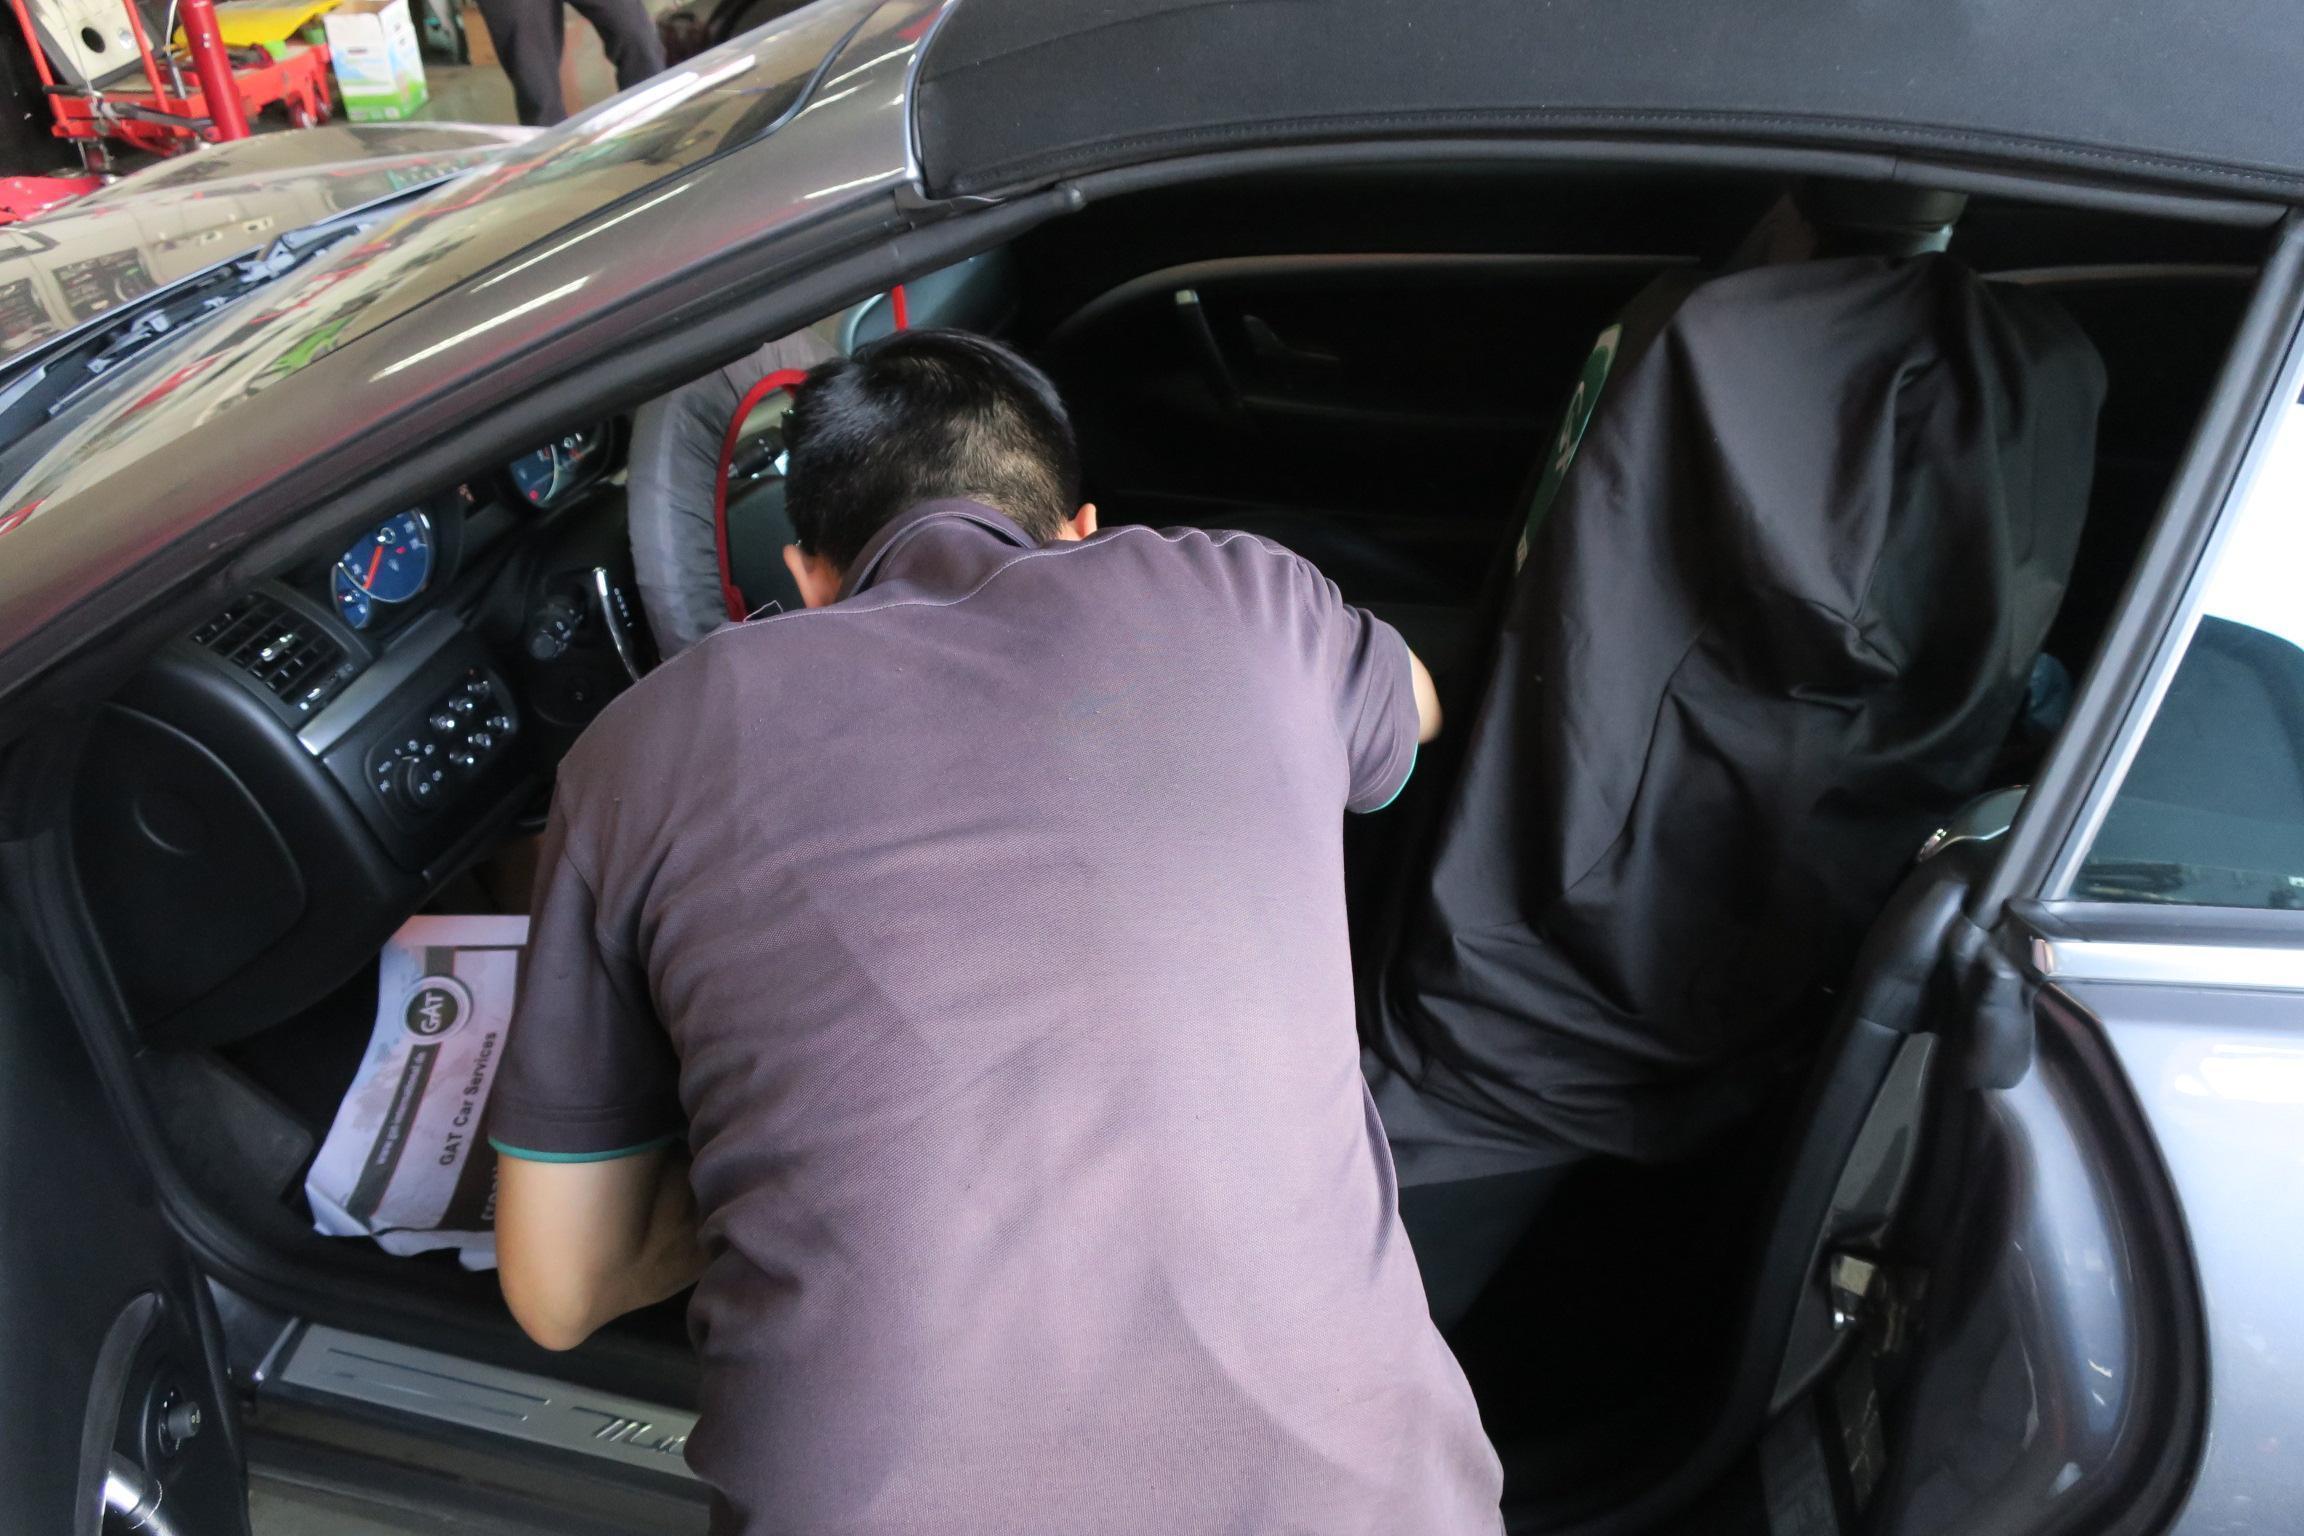 進廠後為車輛裝上椅套、方向盤套、踏墊,讓車輛在施工碰觸導致染污。